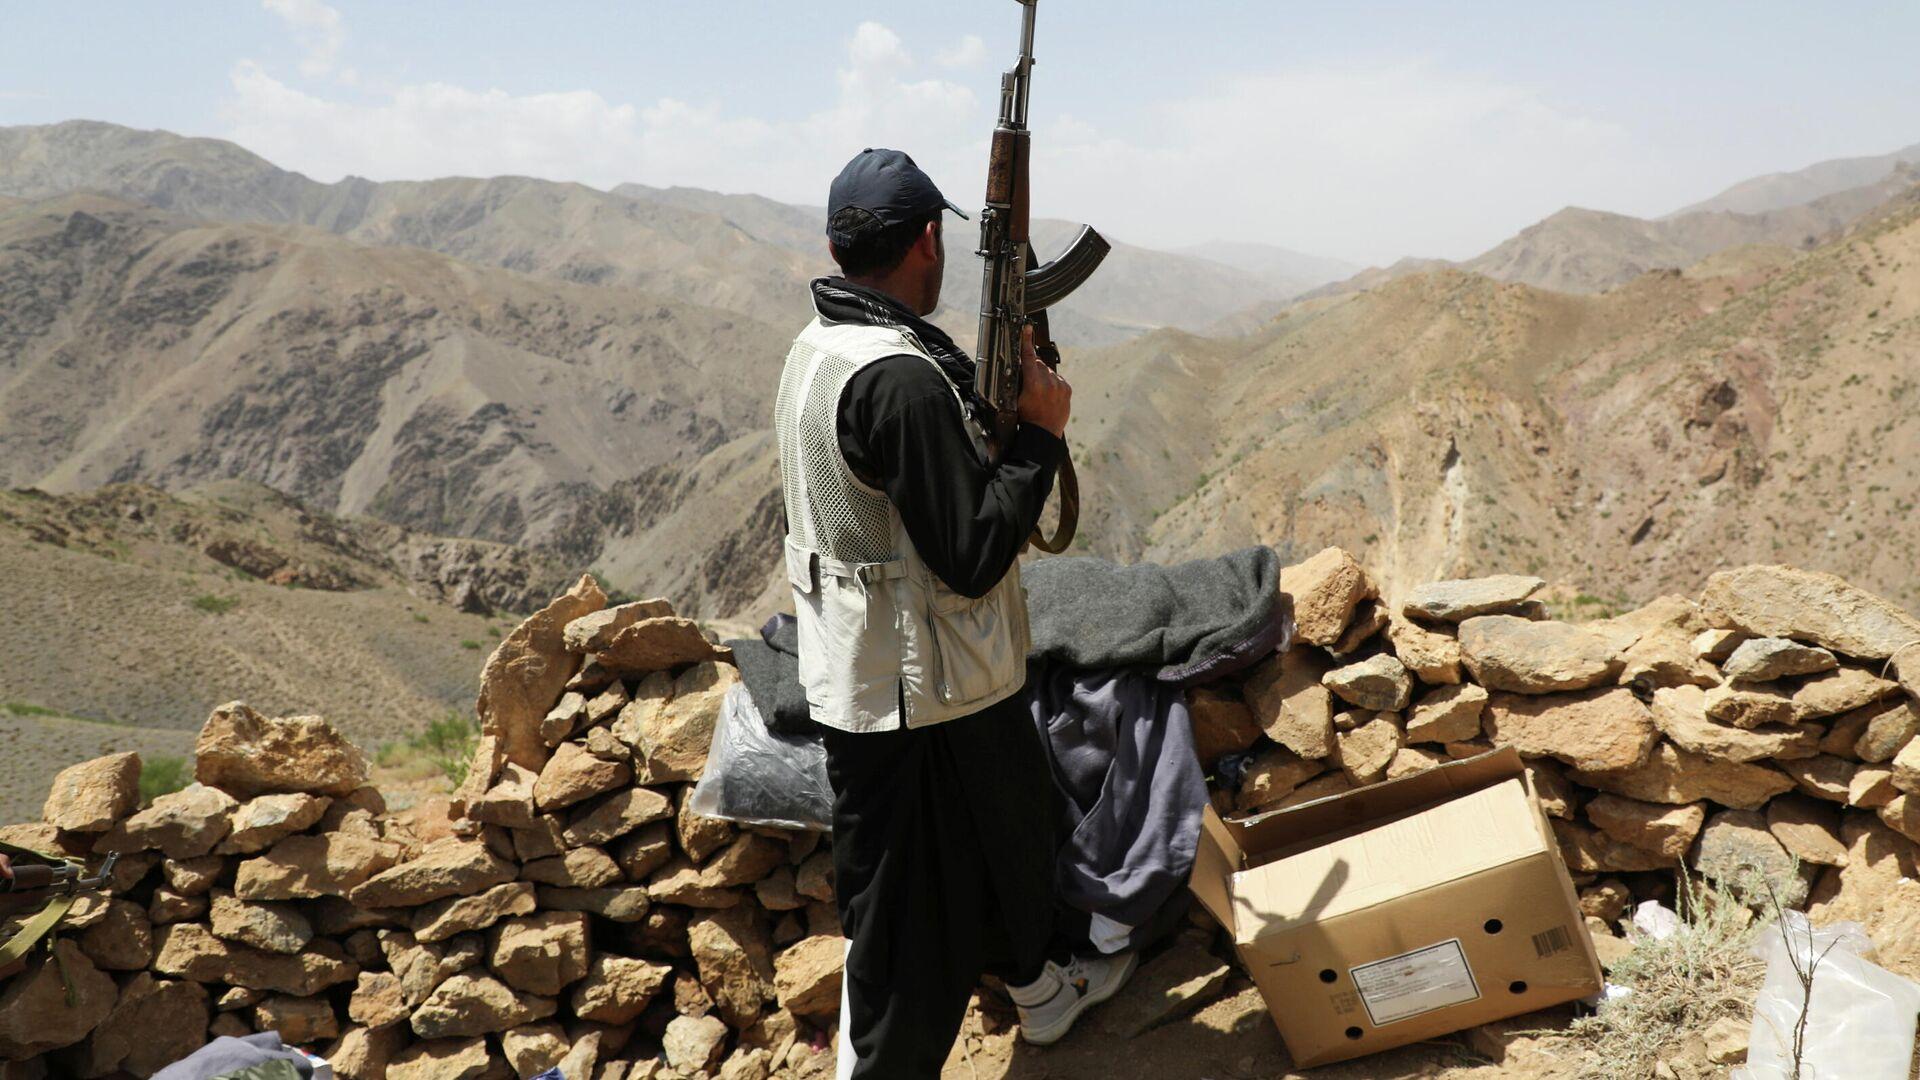 Вооруженный человек, выступающий против восстания талибов - Sputnik Таджикистан, 1920, 26.07.2021